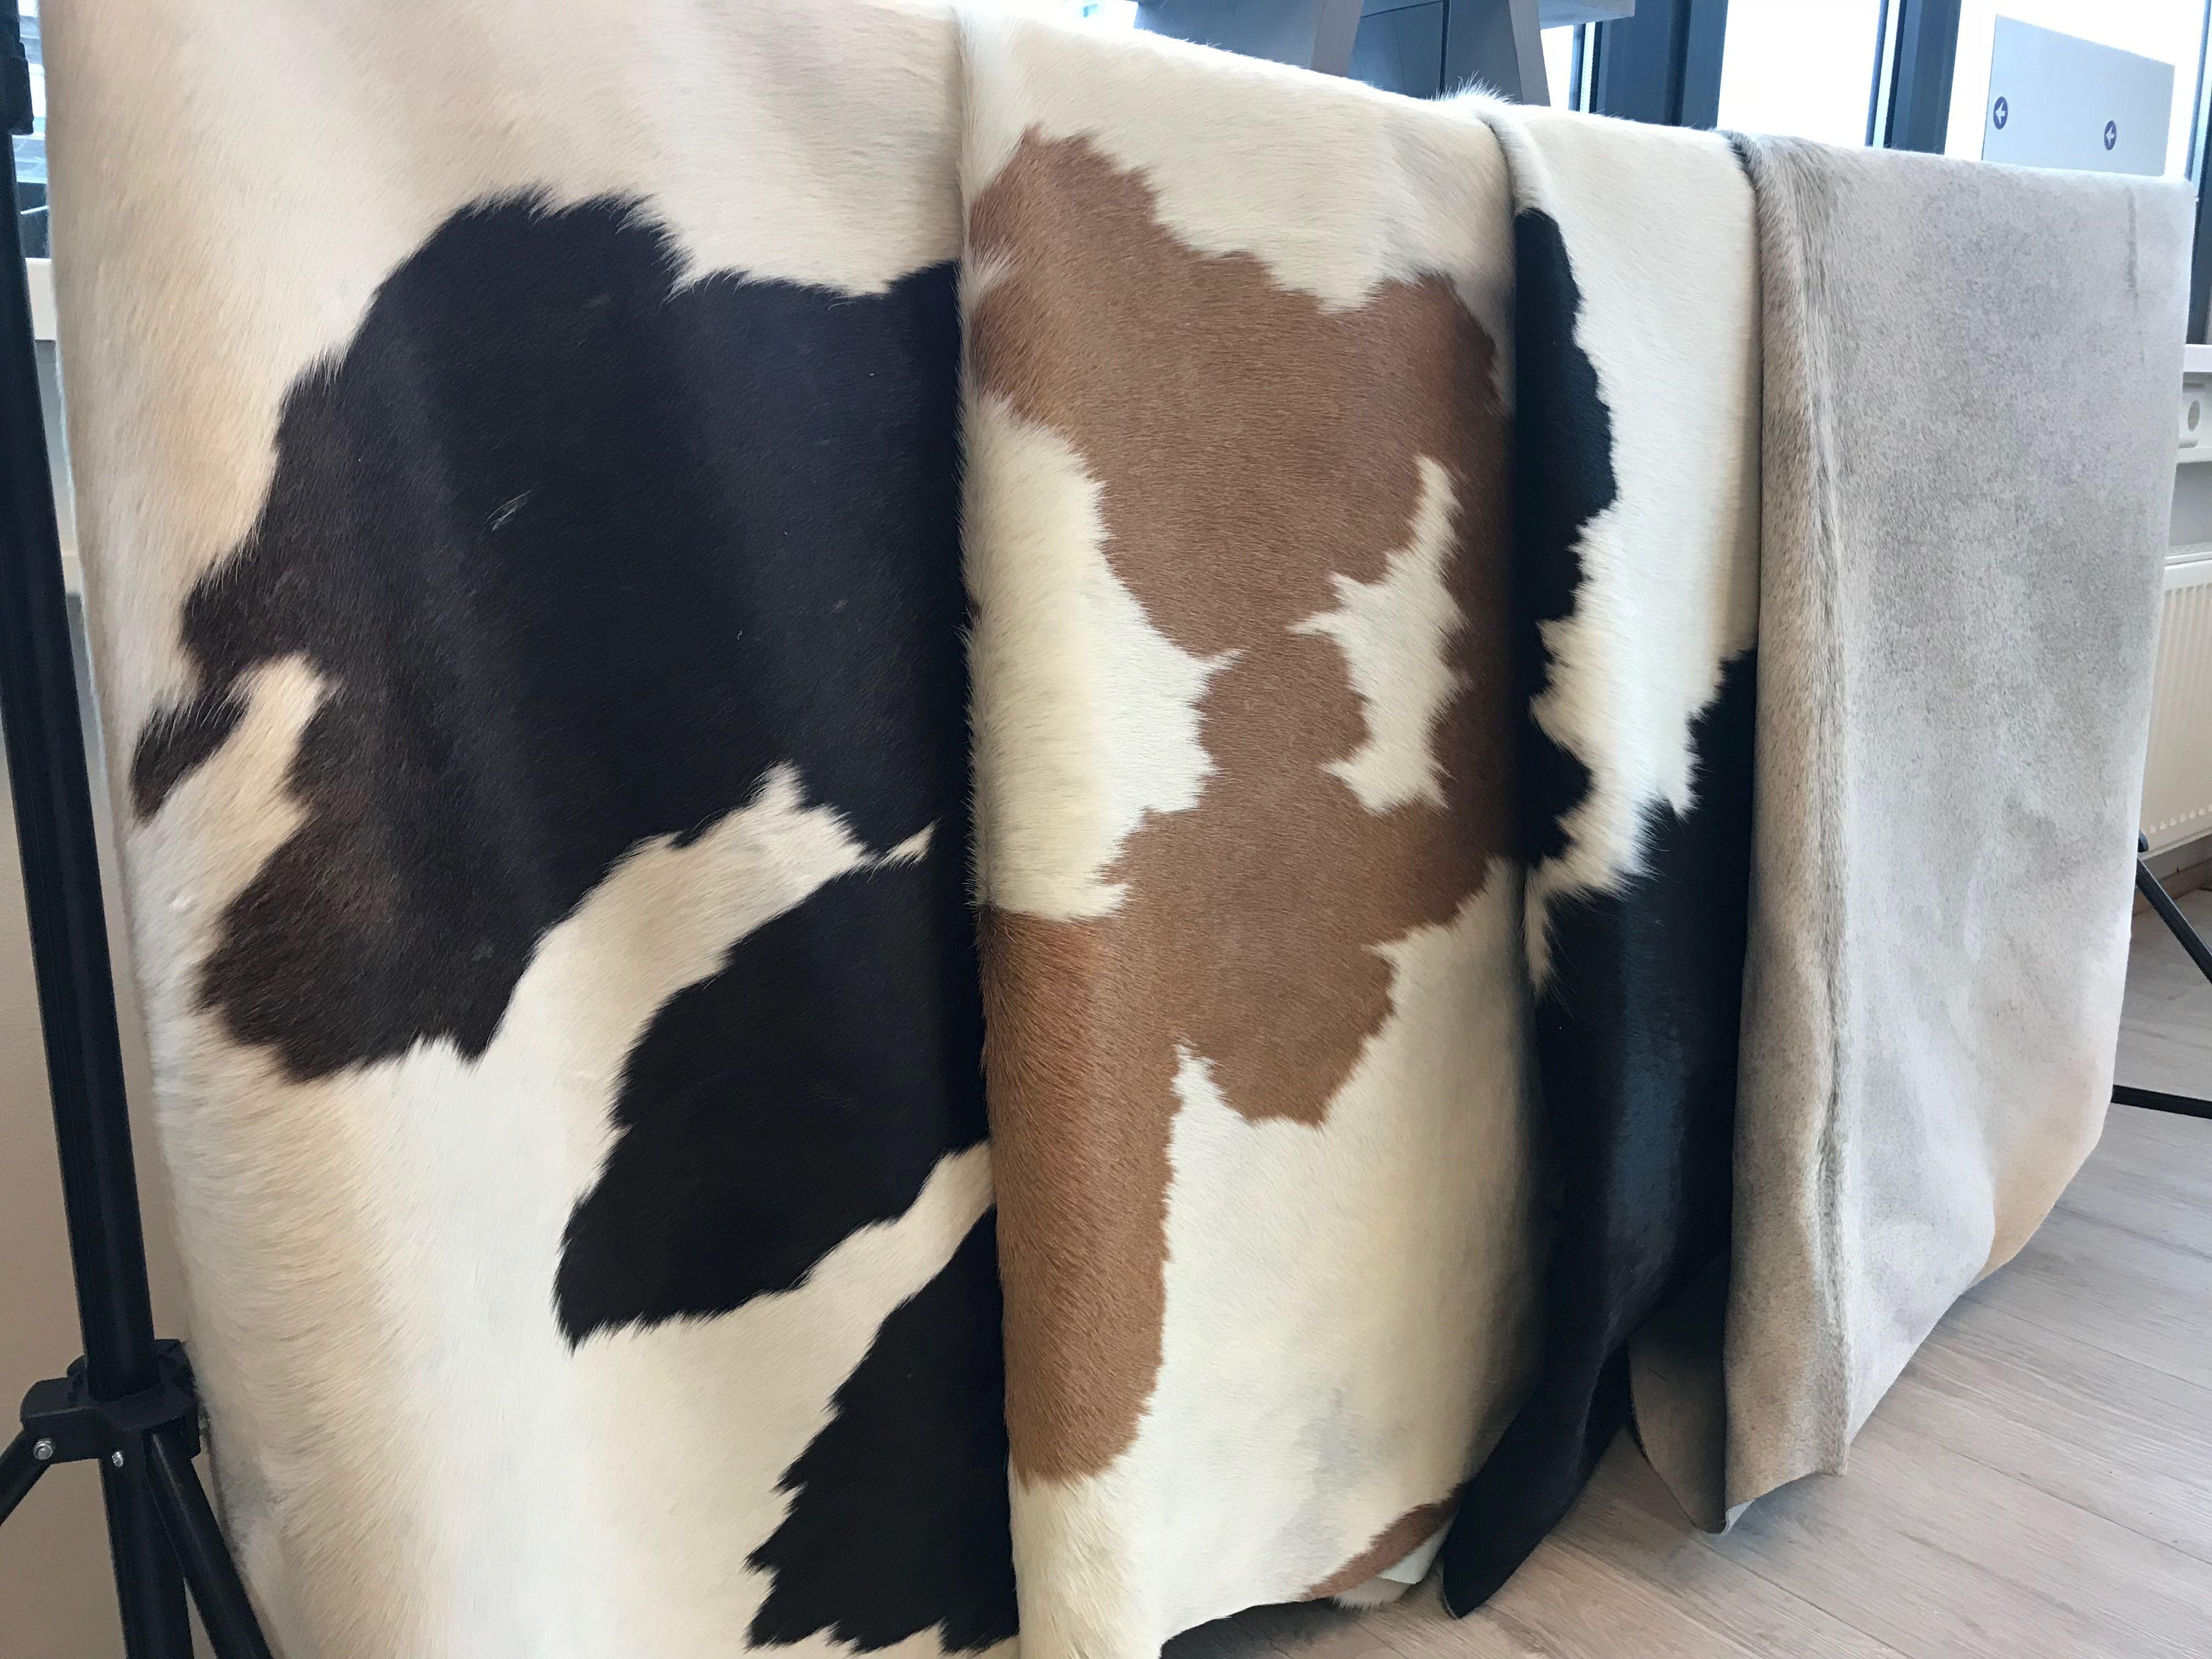 Verschillende kleuren koeienvellen. #koeienhuid #koevel #vloerkleed